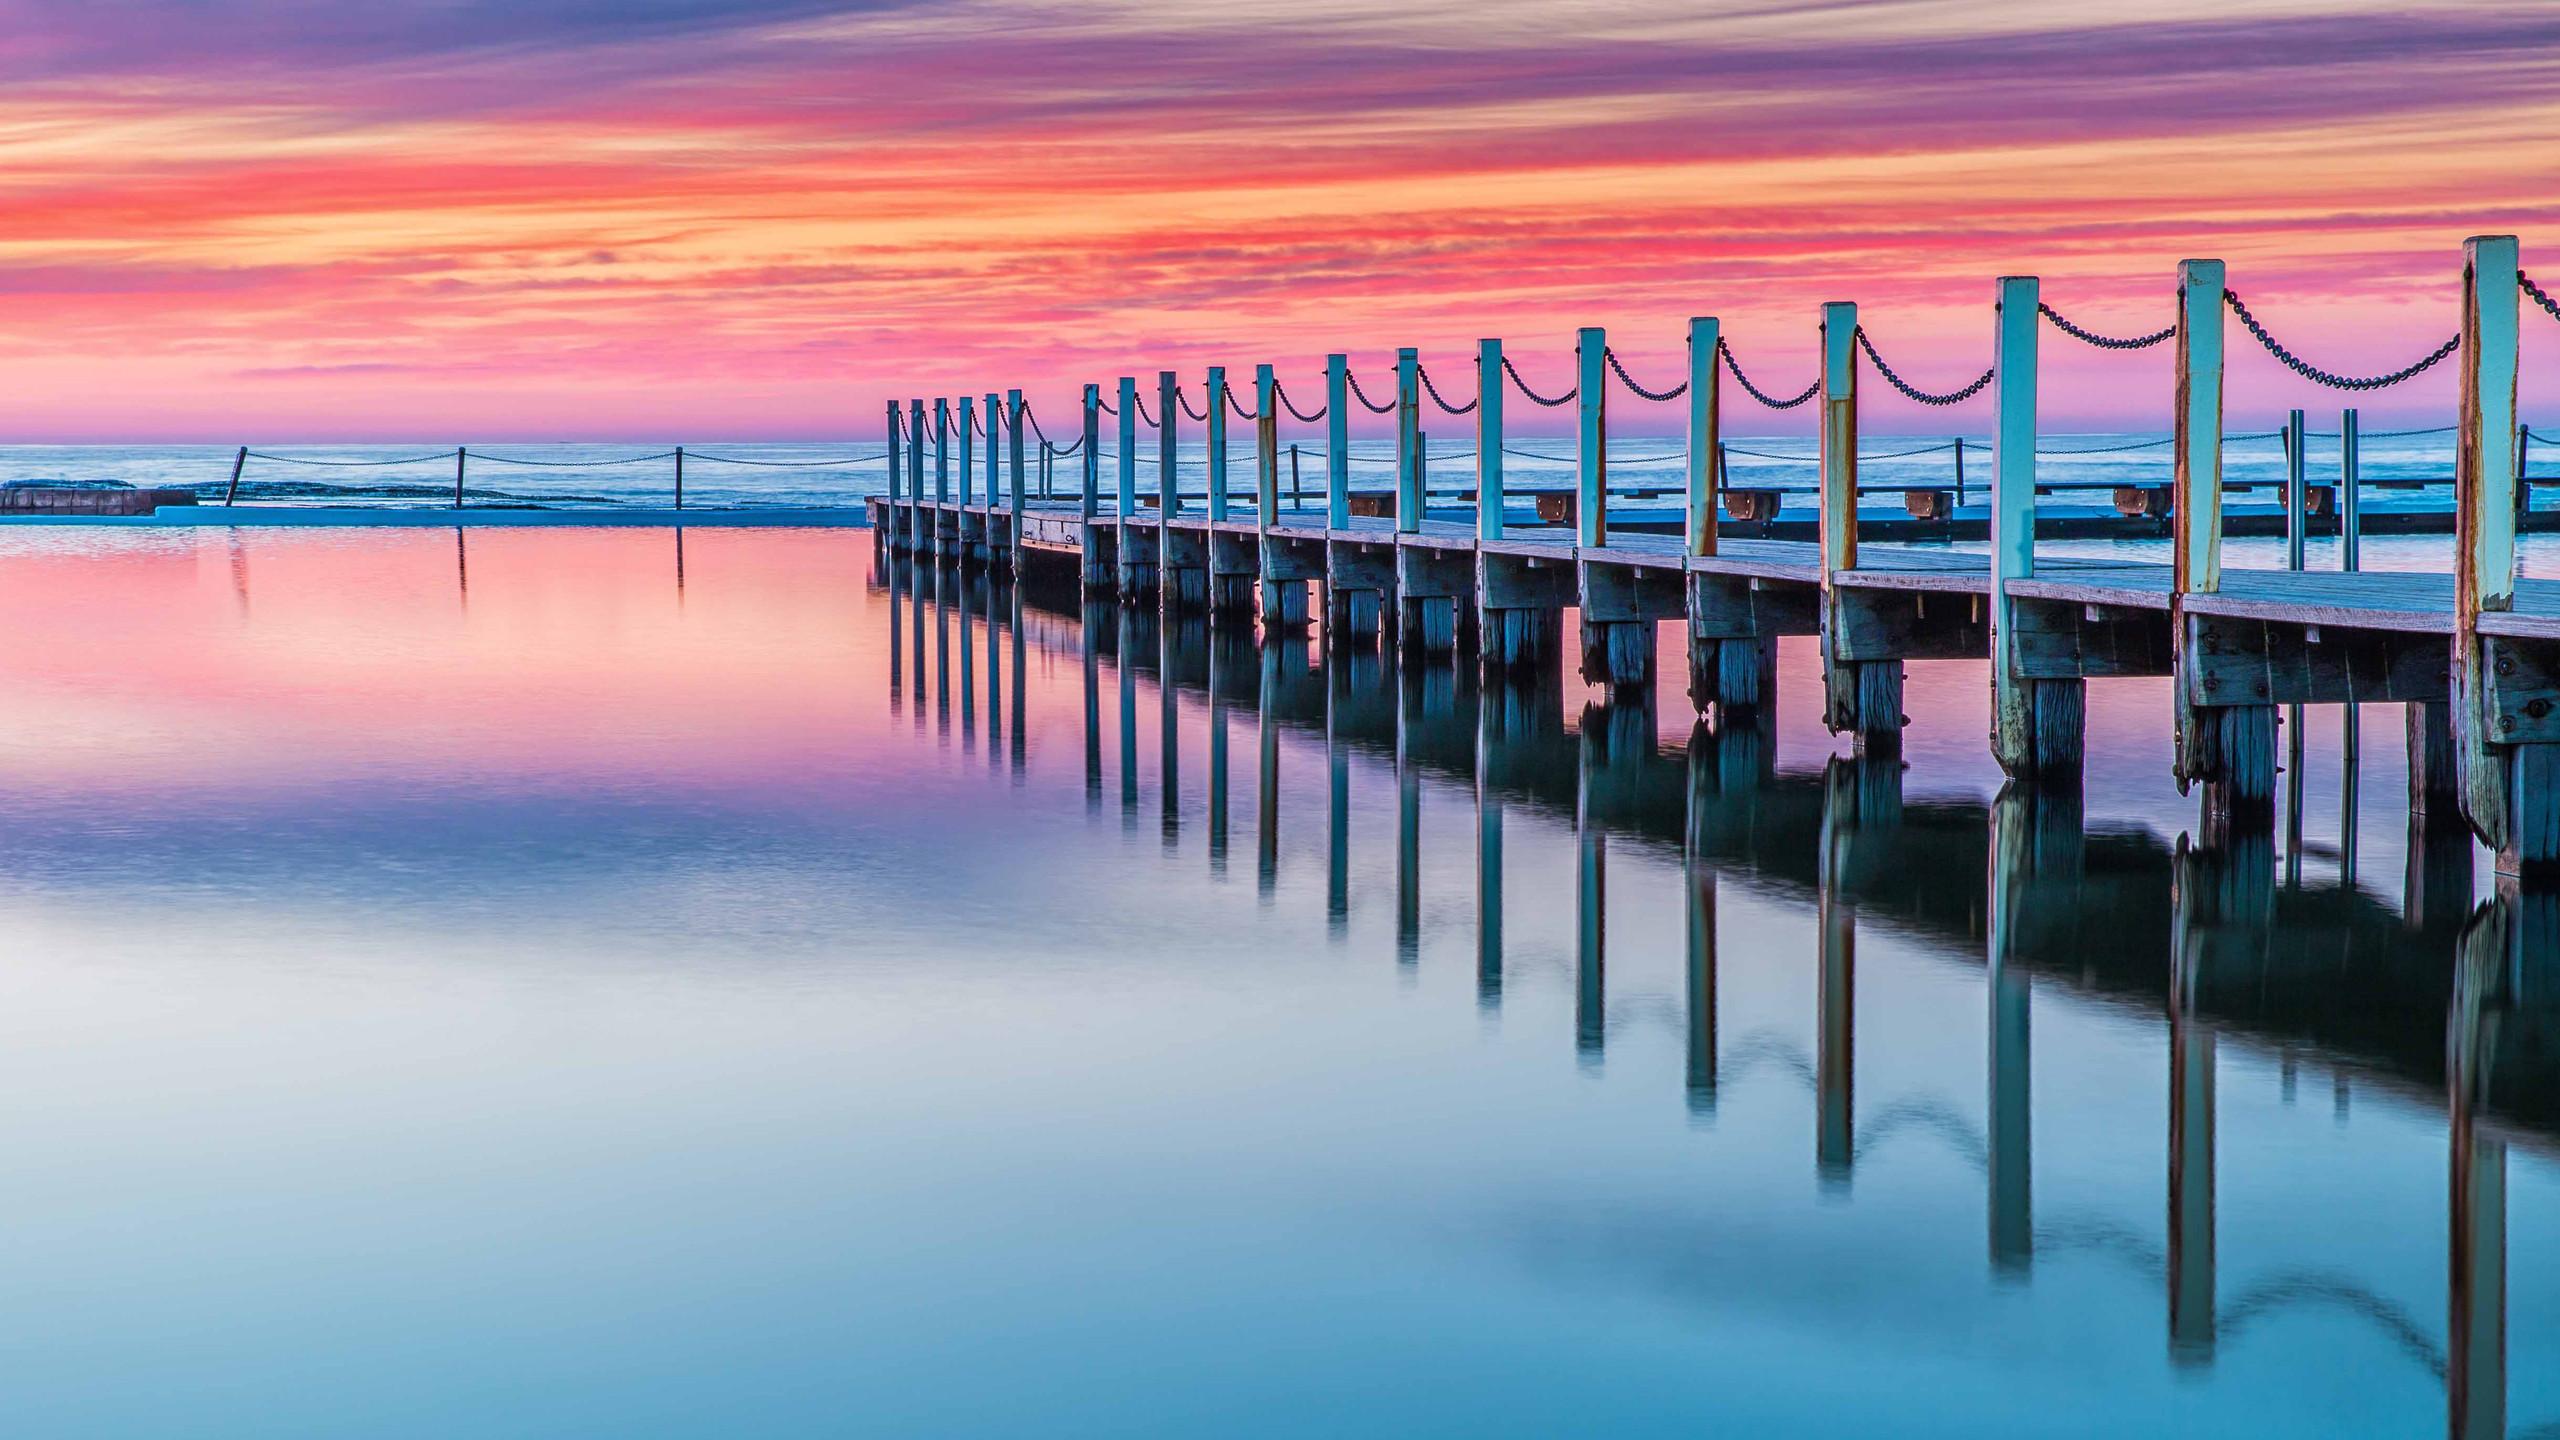 Beautiful Reflection During Sunrise